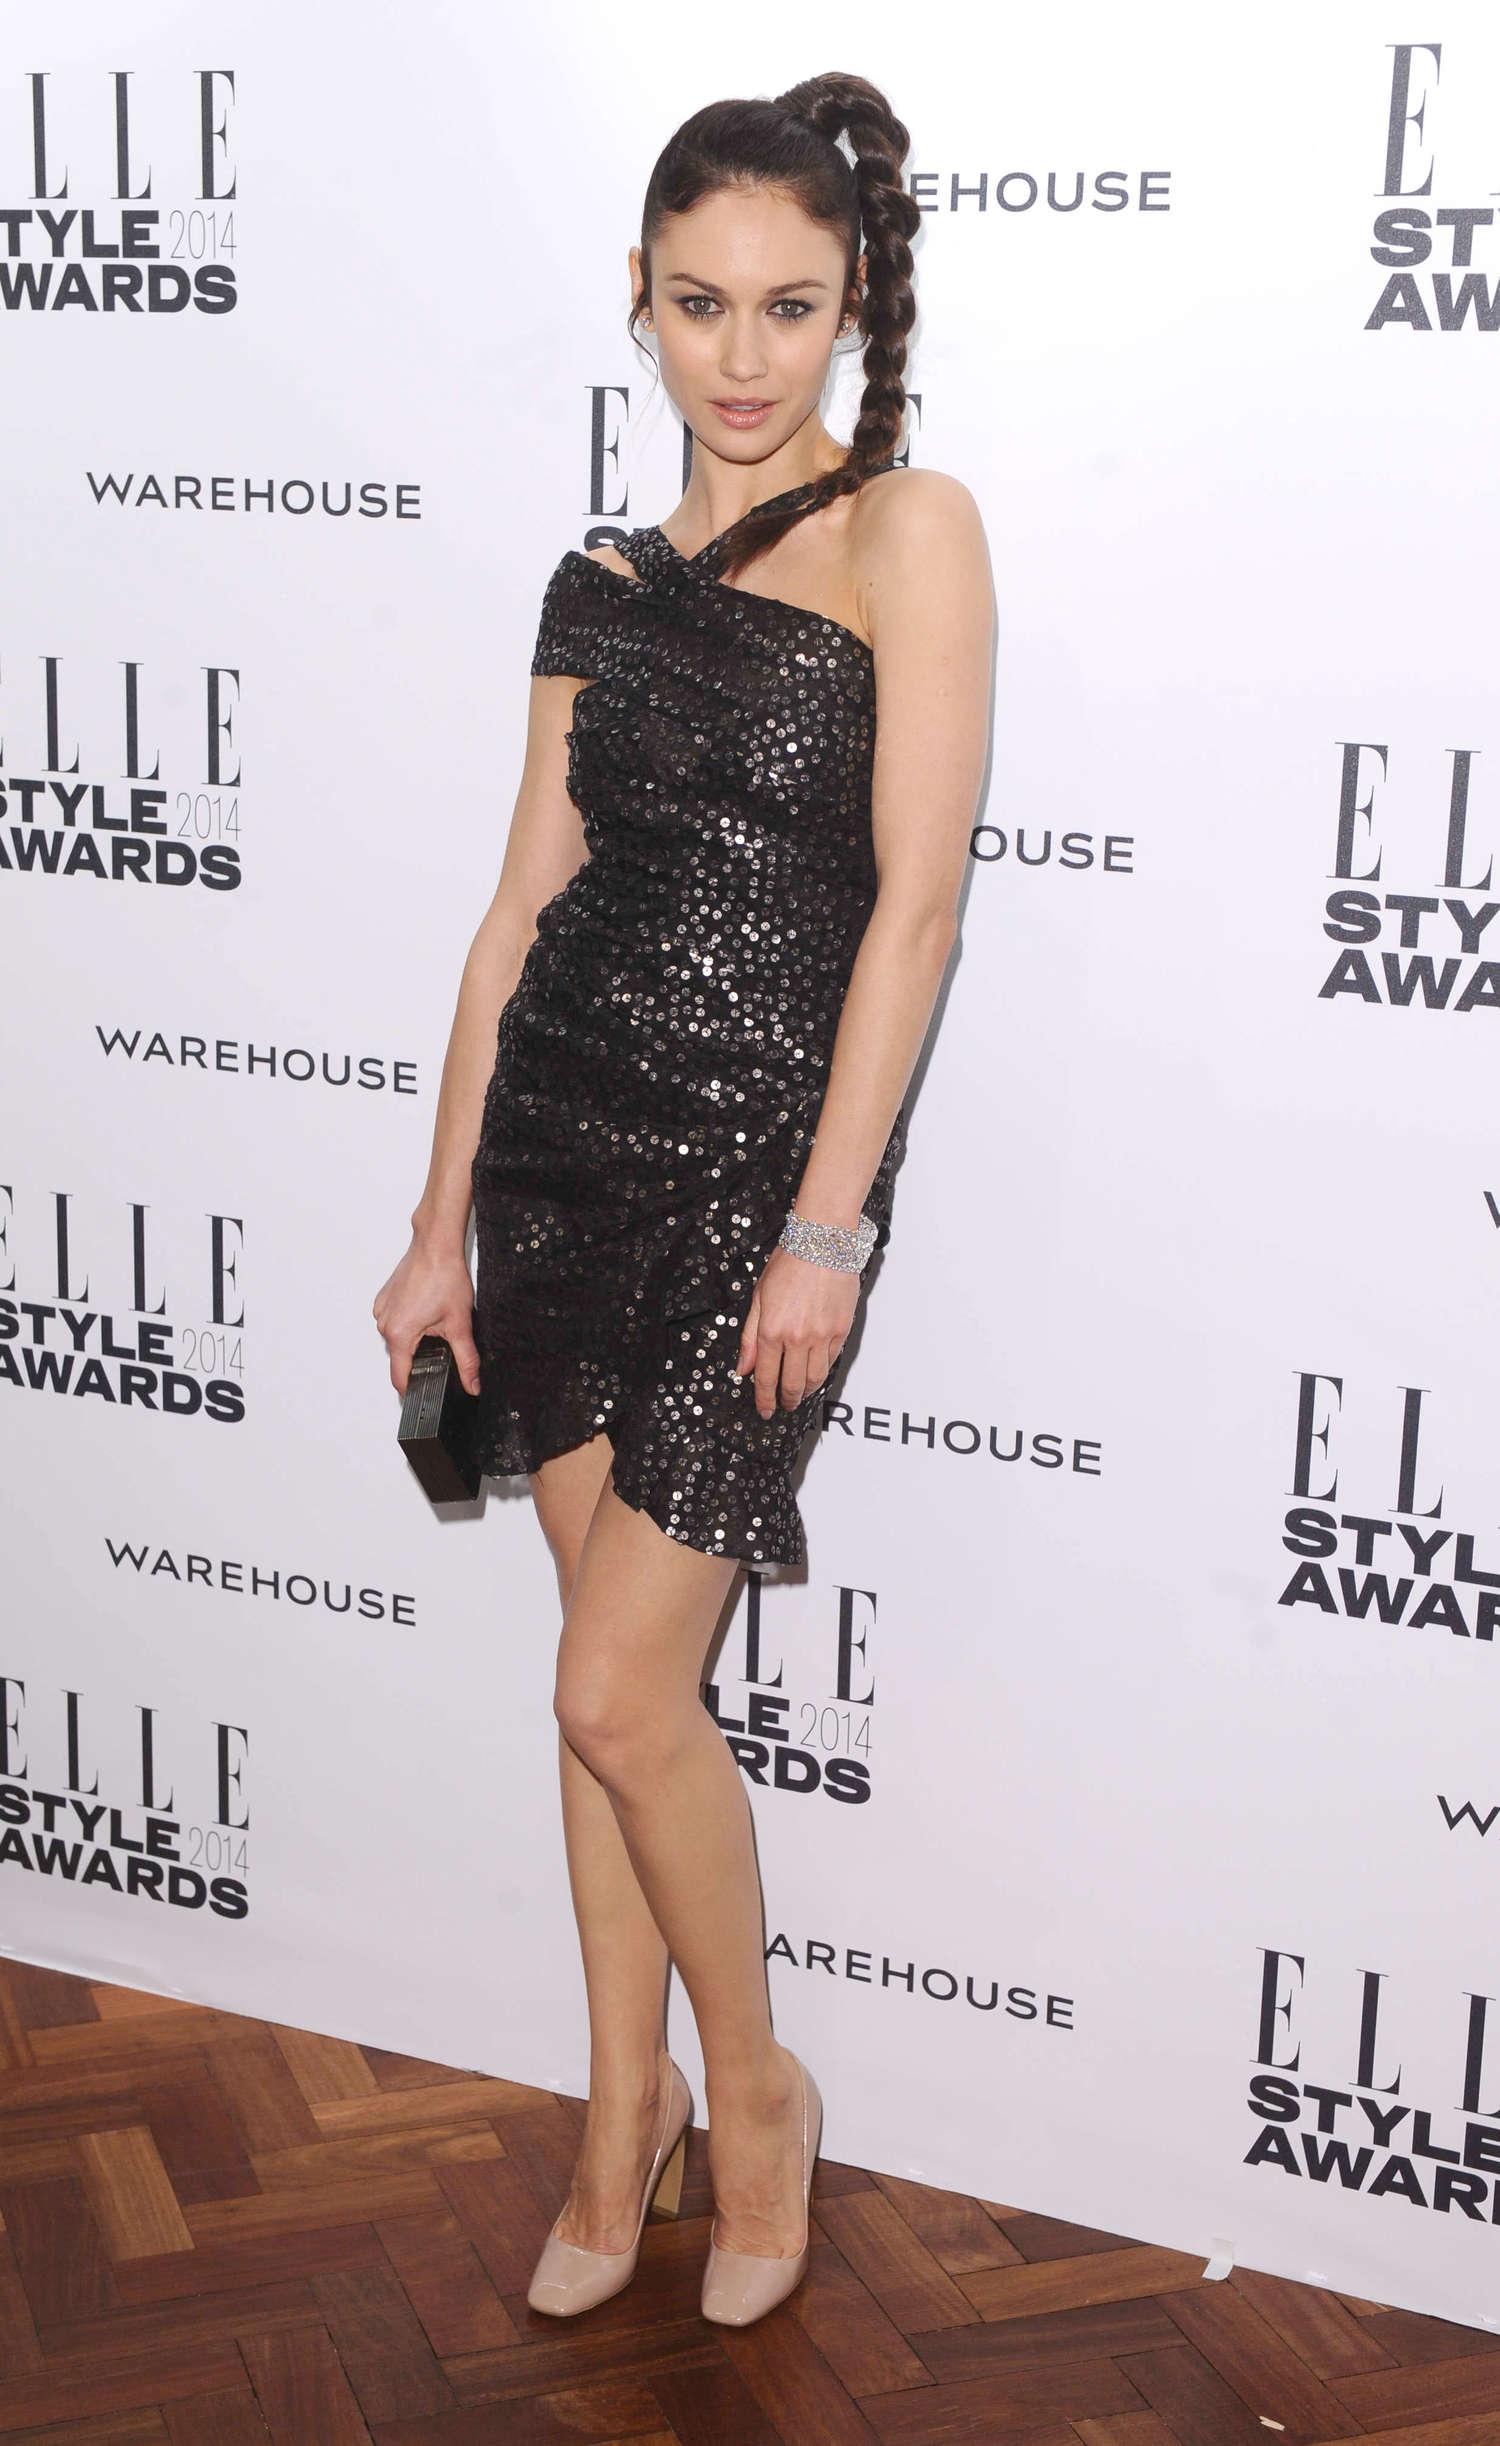 Olga Kurylenko: Elle Style Awards 2014 -11